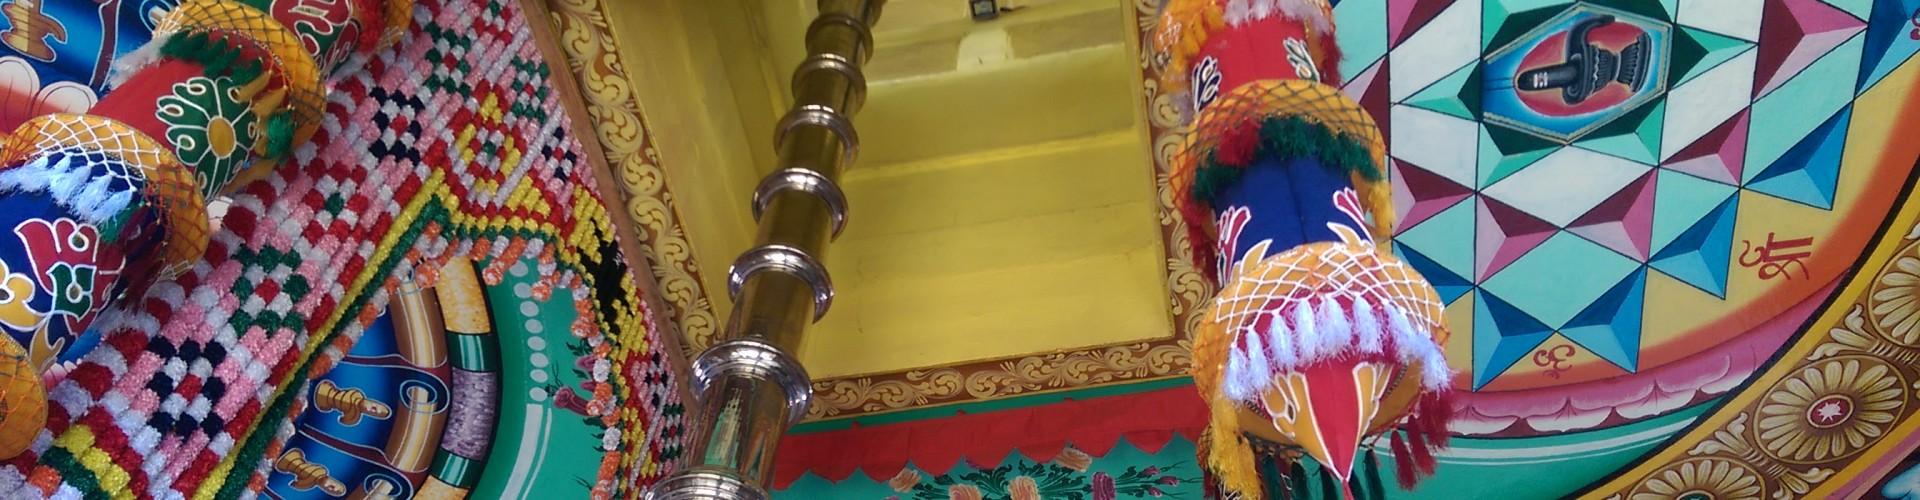 Trincomalee Temple